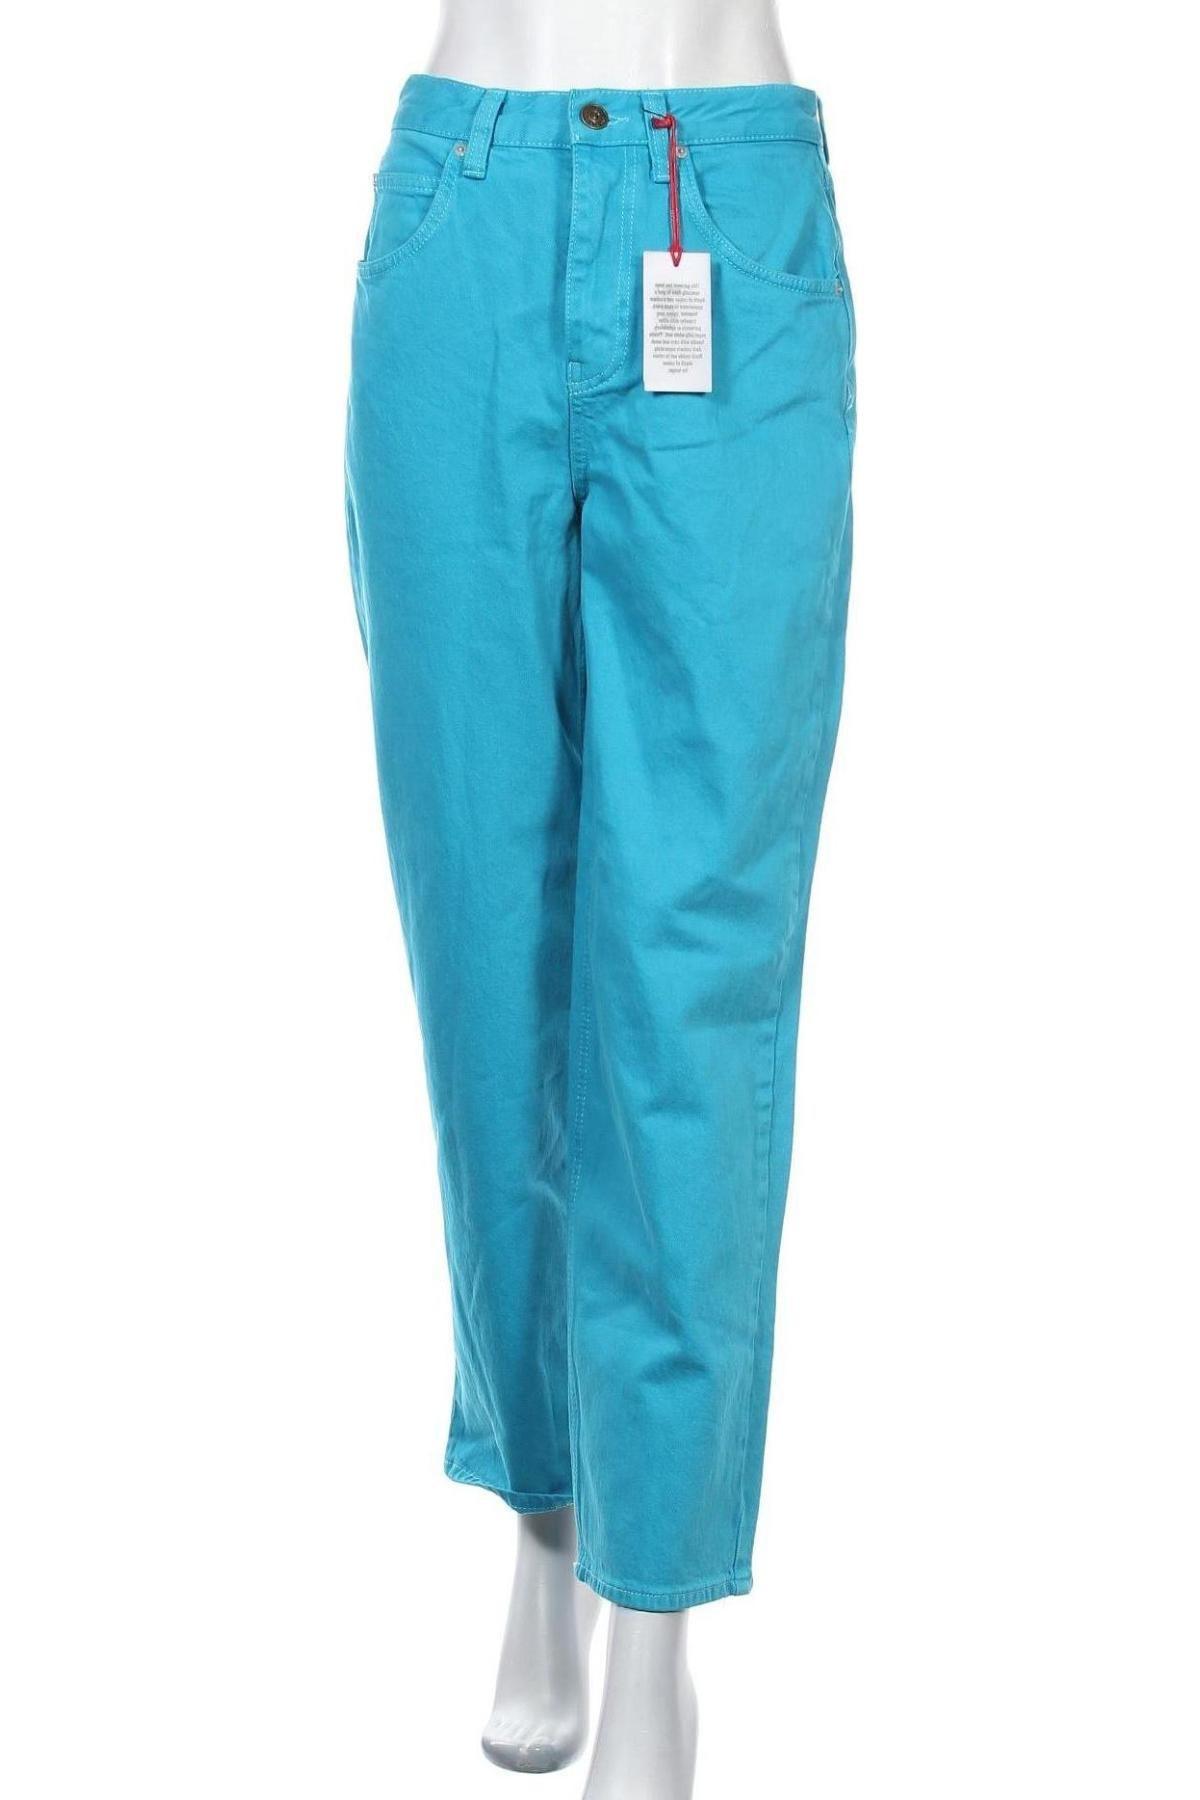 Дамски дънки BDG, Размер M, Цвят Син, 99% памук, 1% еластан, Цена 41,96лв.